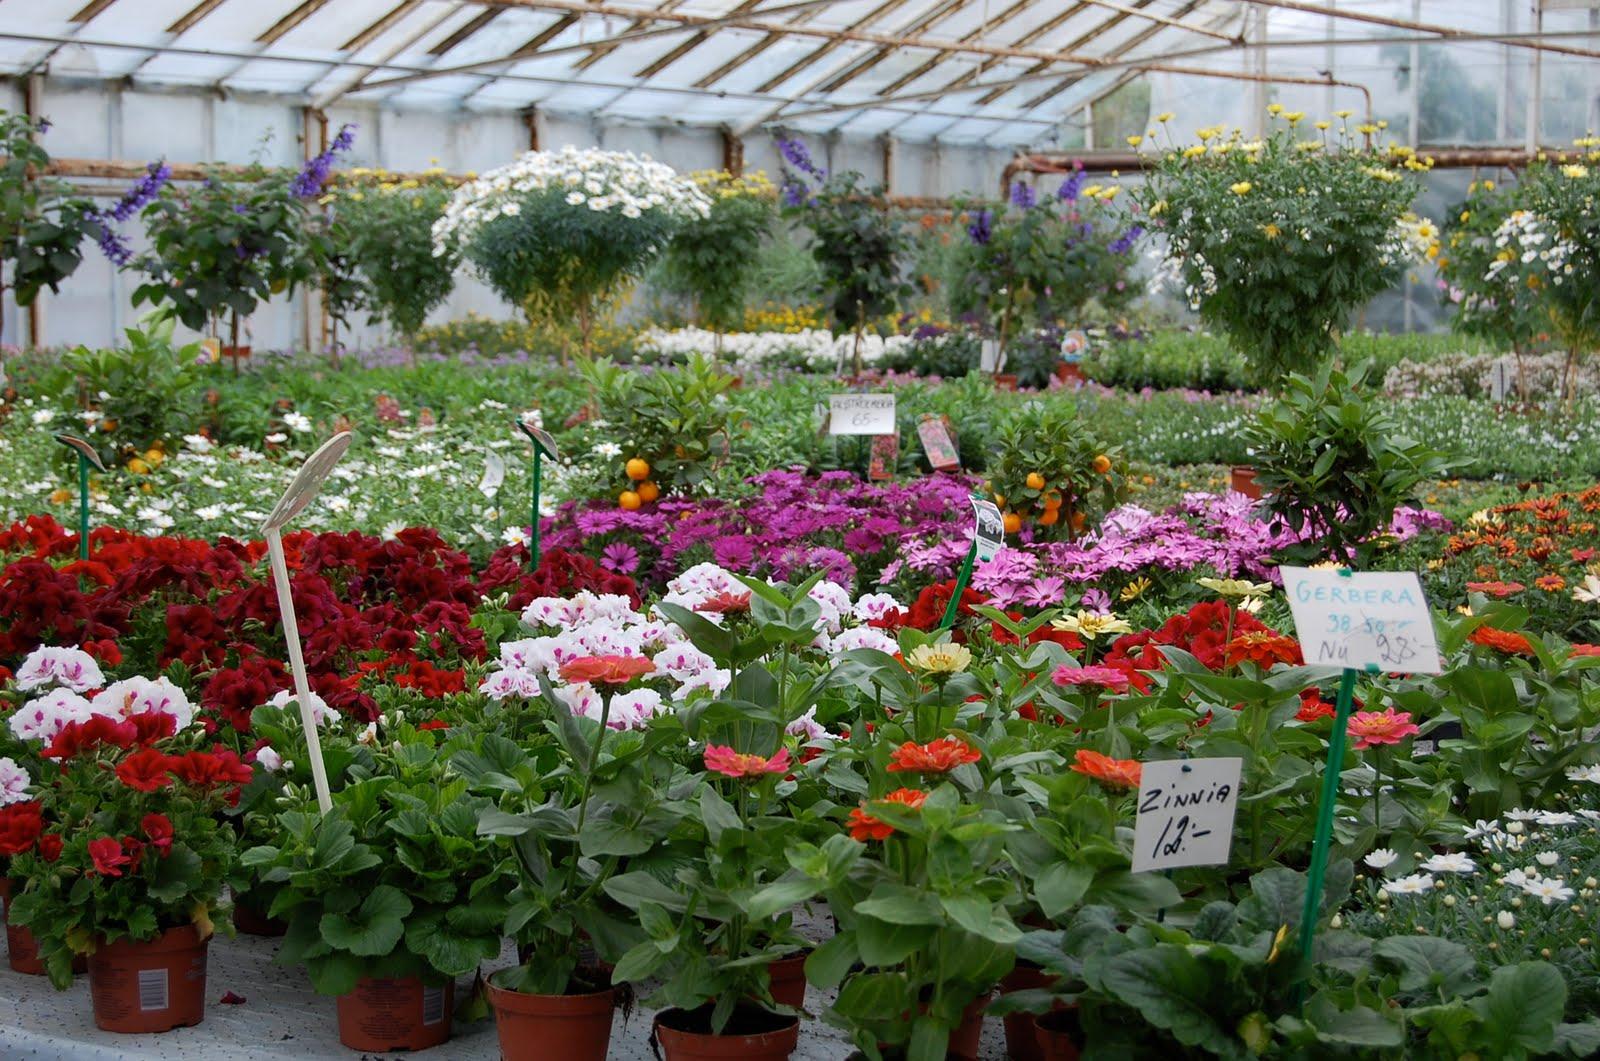 högs blommor handelsträdgård